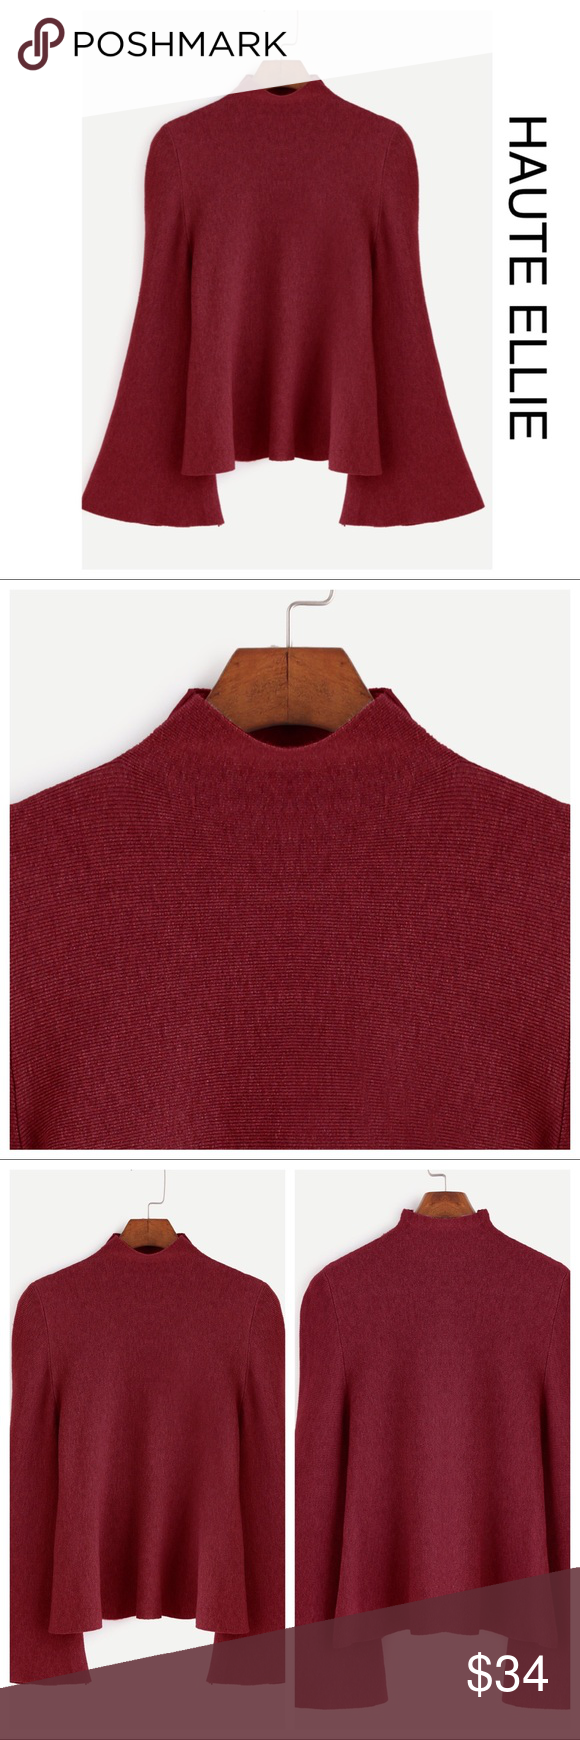 🆕 Big Bell Mock Neck Sweater- Burgundy Boutique | Mock neck